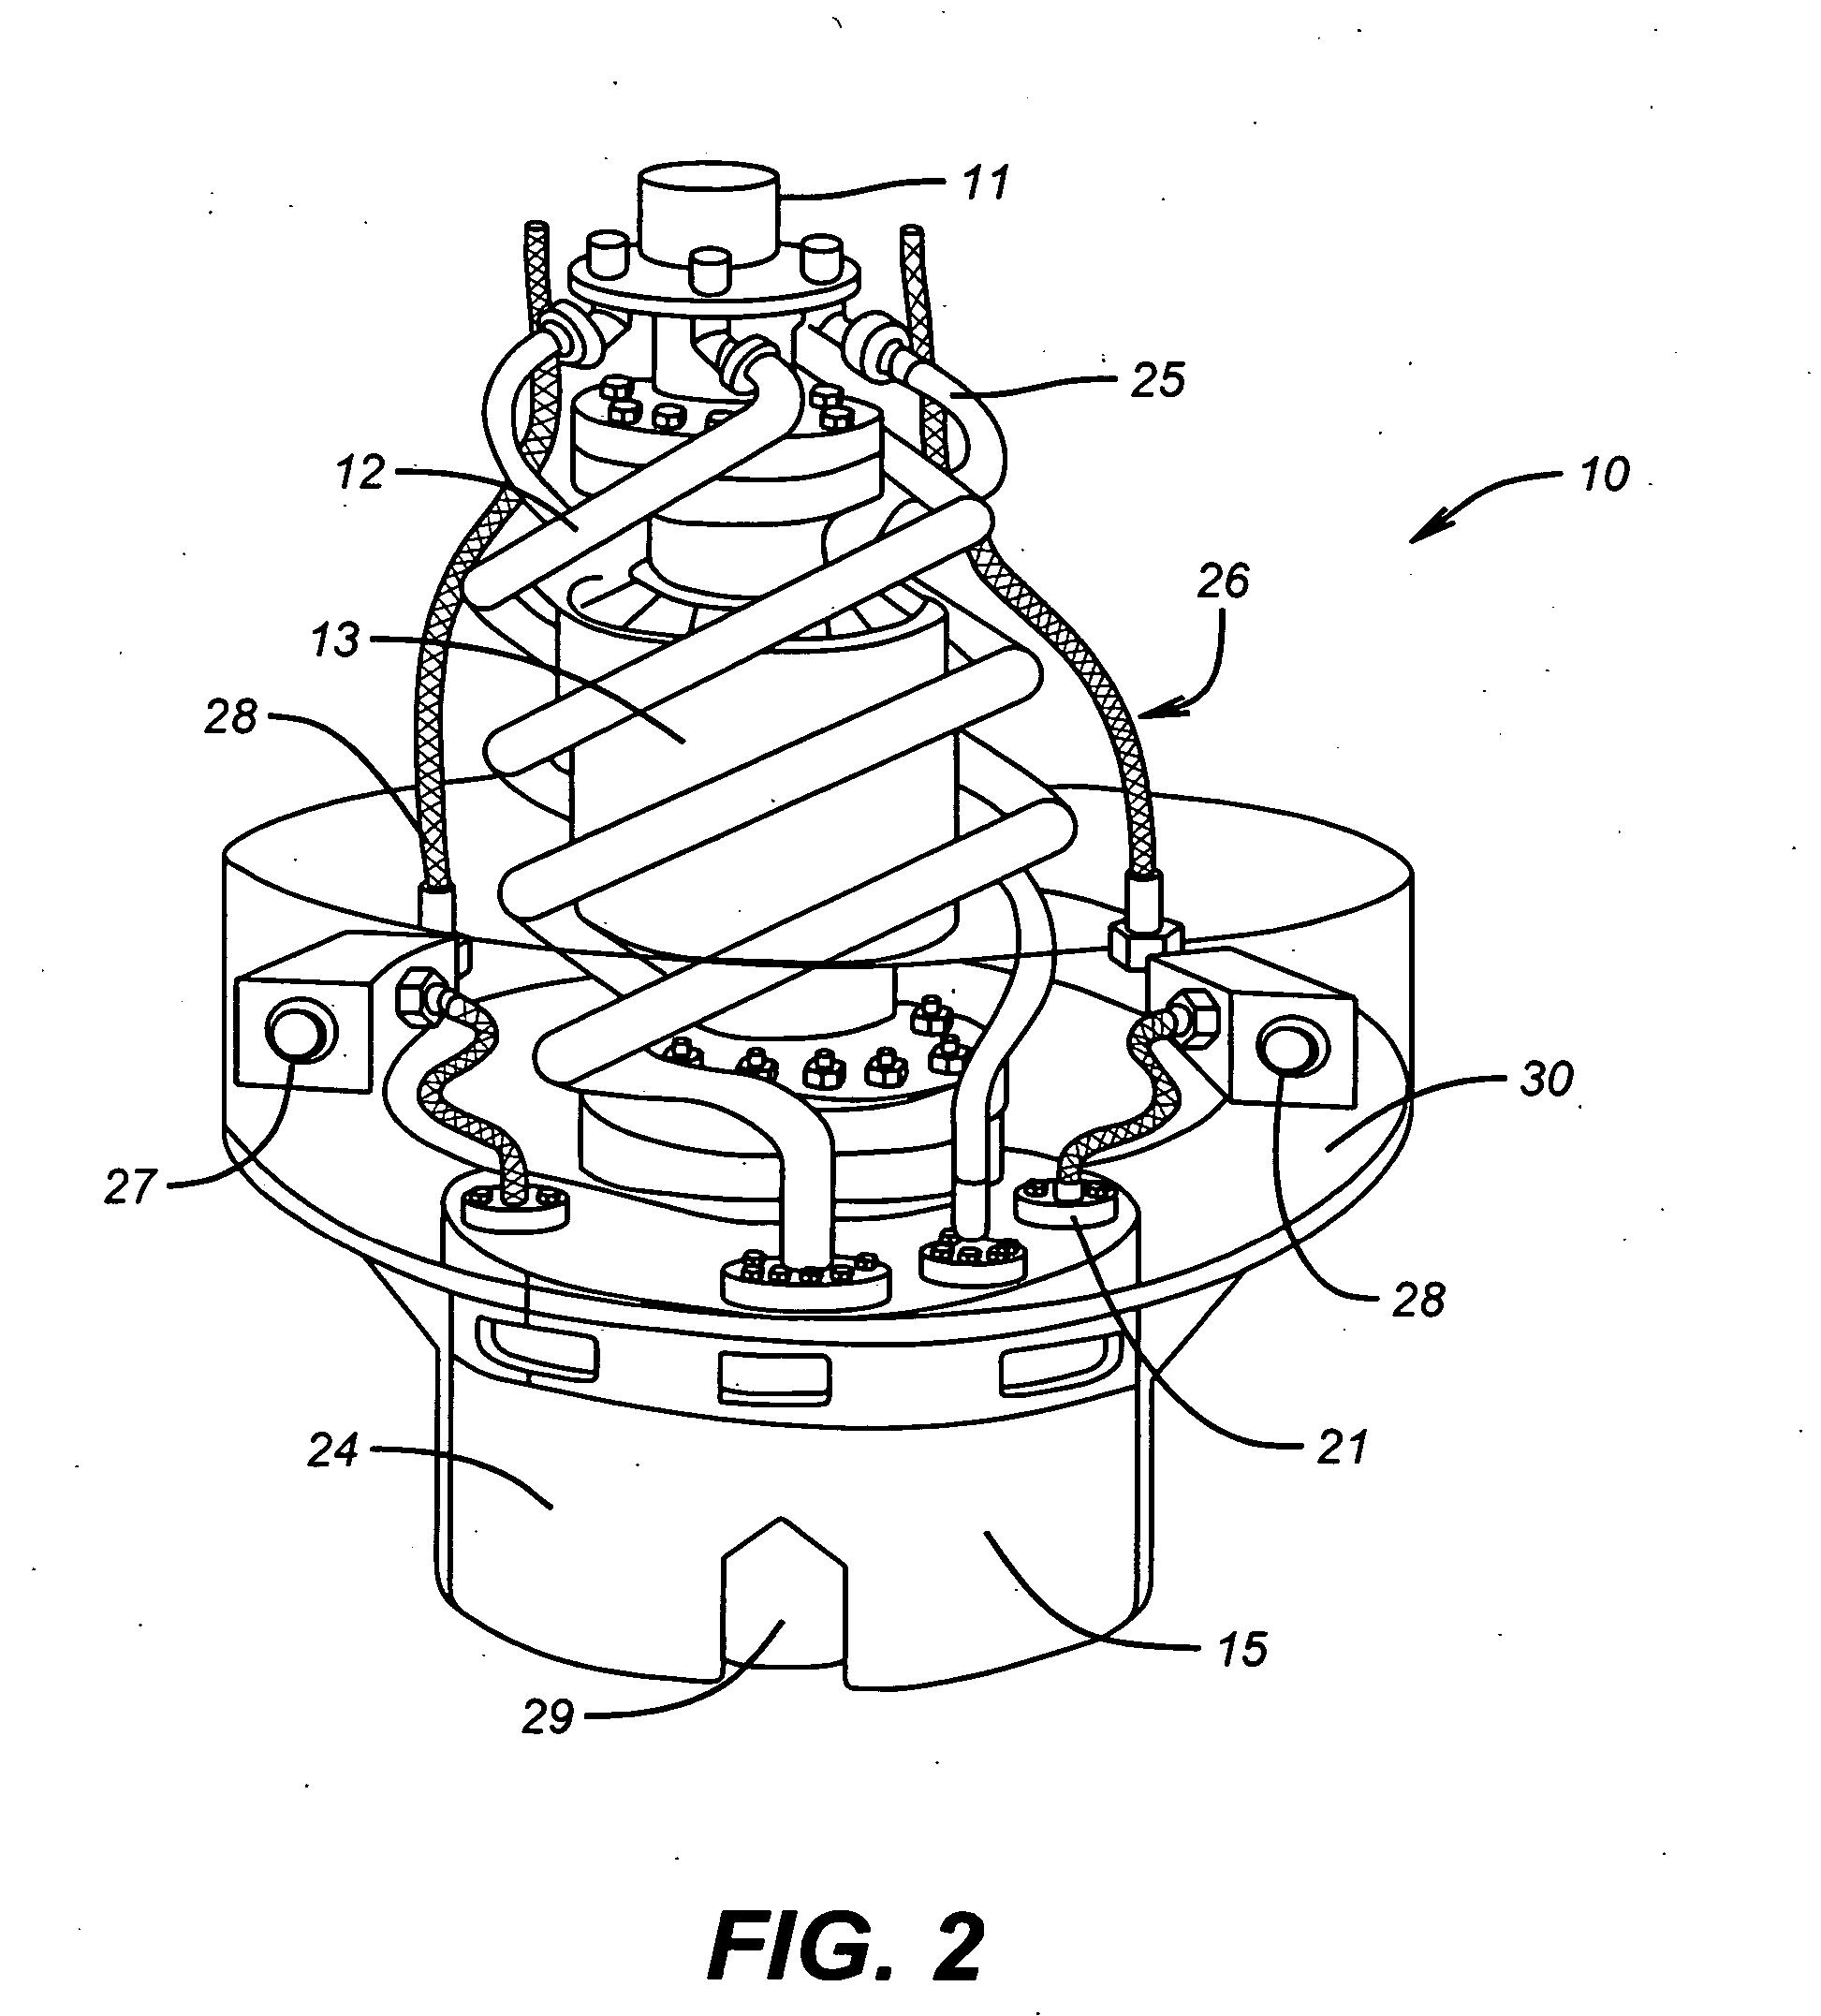 toyota 4runner trailer wiring diagram danlers cefl pir ta a 7 pin harness imageresizertool com